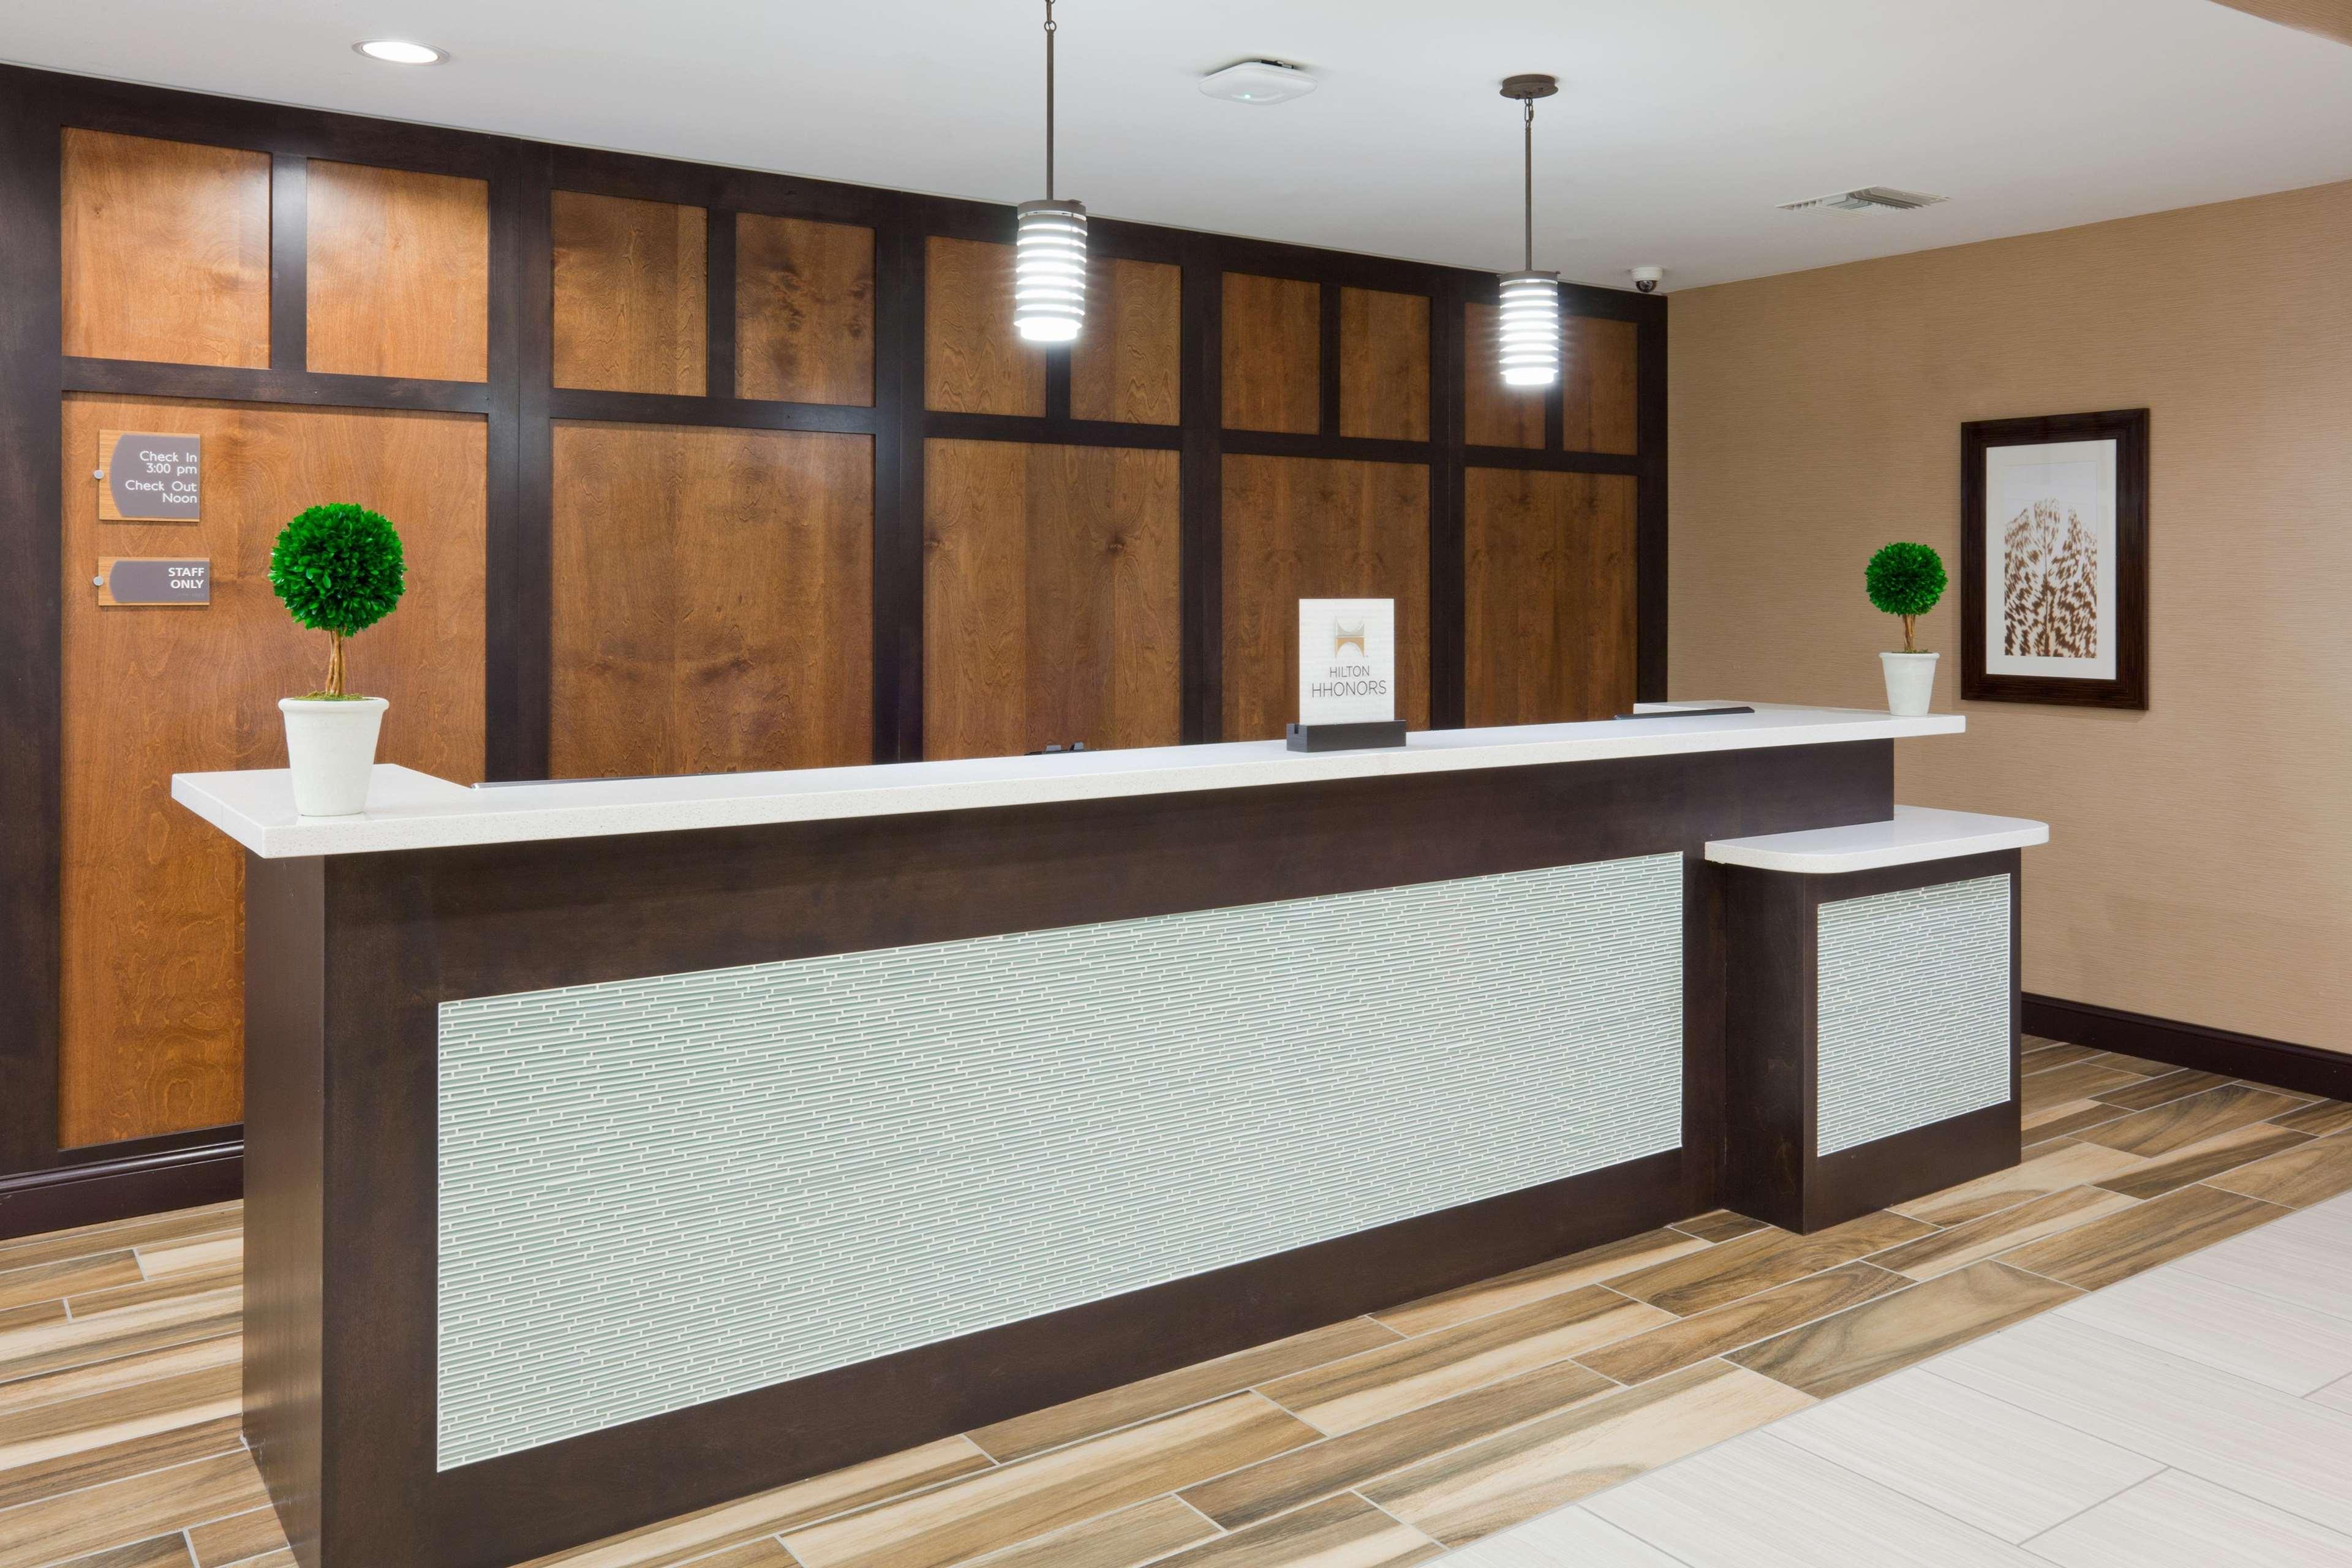 Homewood Suites by Hilton Davenport image 27